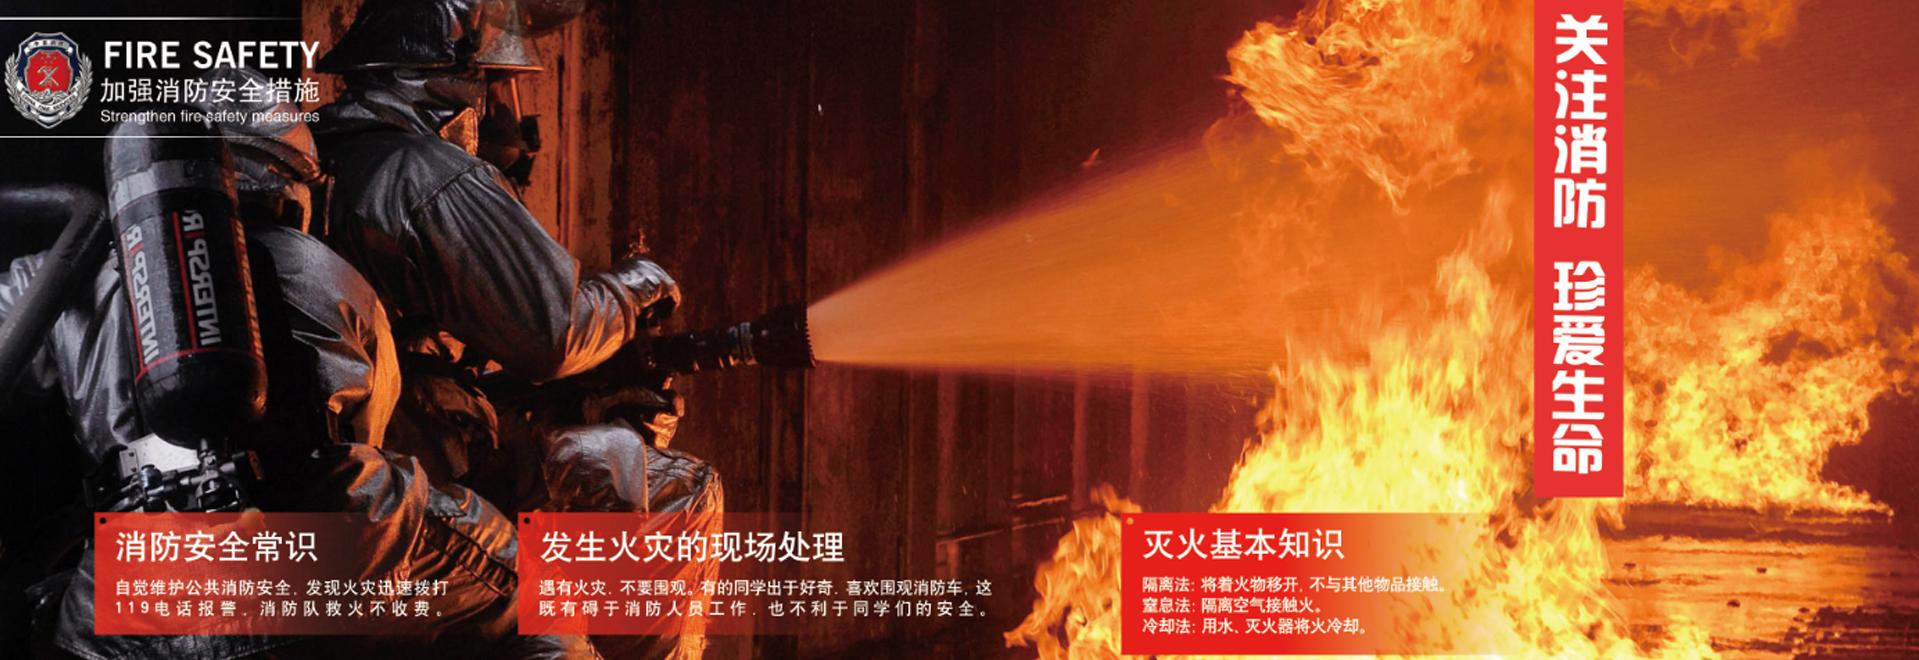 南通消防维保工程